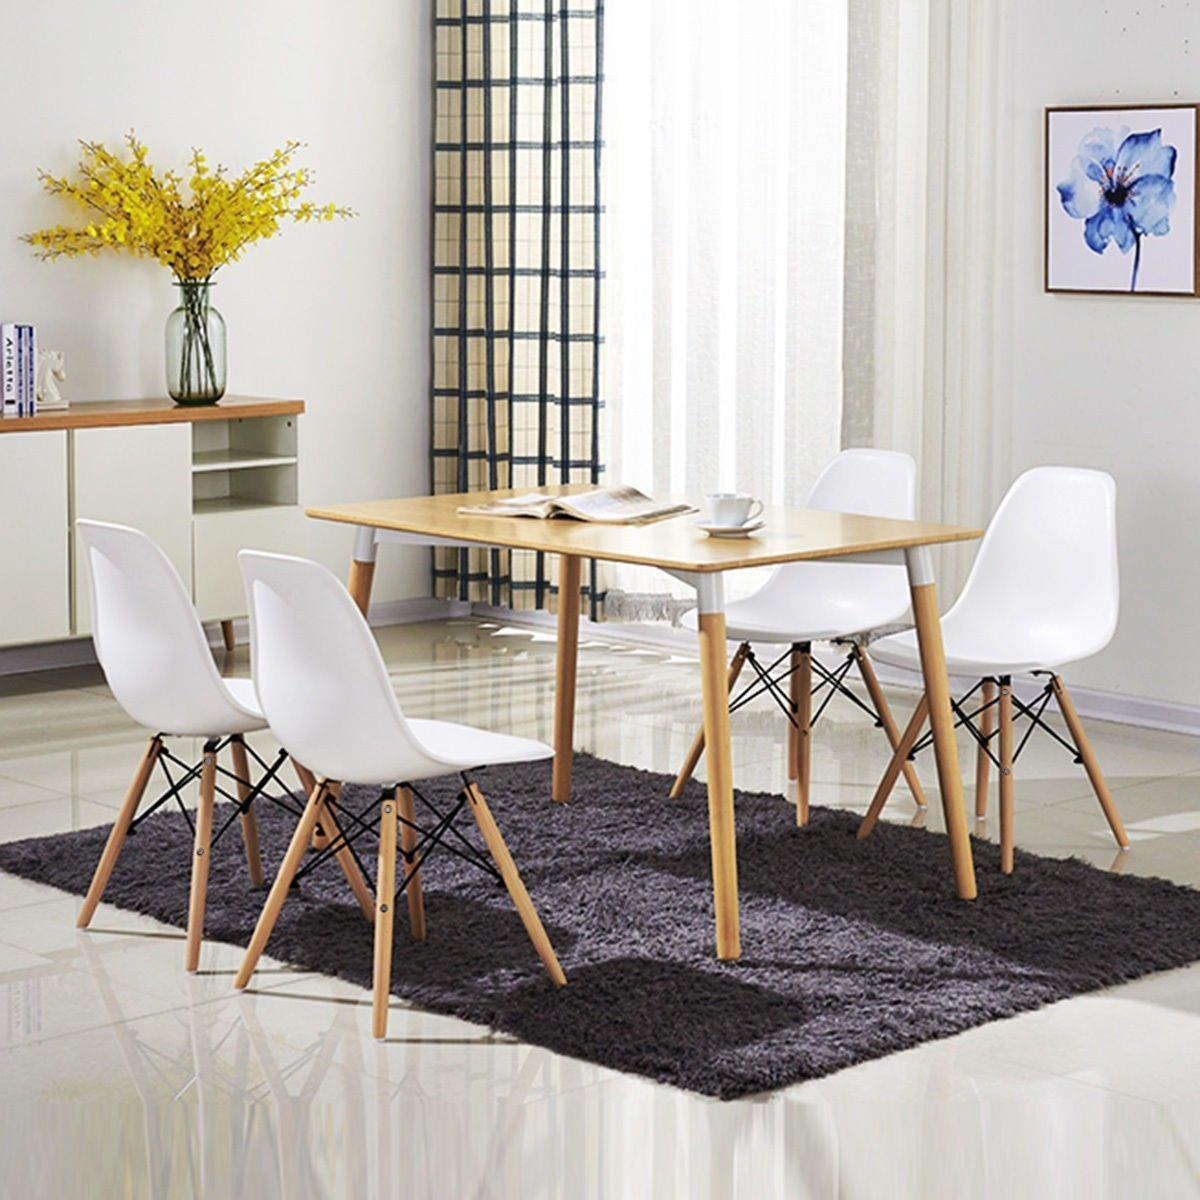 Weiße Möbel: Neu 4er Stuhl DEKO Retro Esszimmerstühle Wohnzimmerstuhl